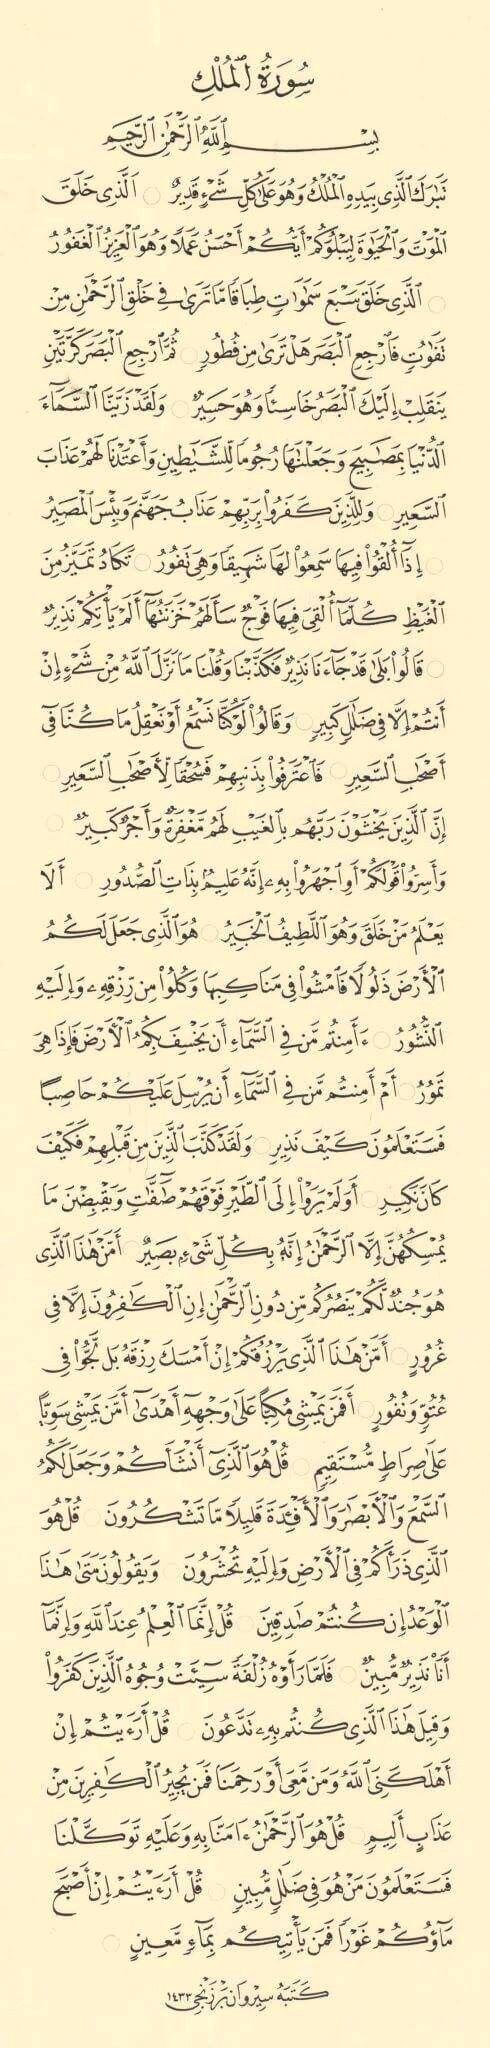 سورة الملك بطاقة واحدة Arabic Calligraphy Painting Quran Verses Quran Karim